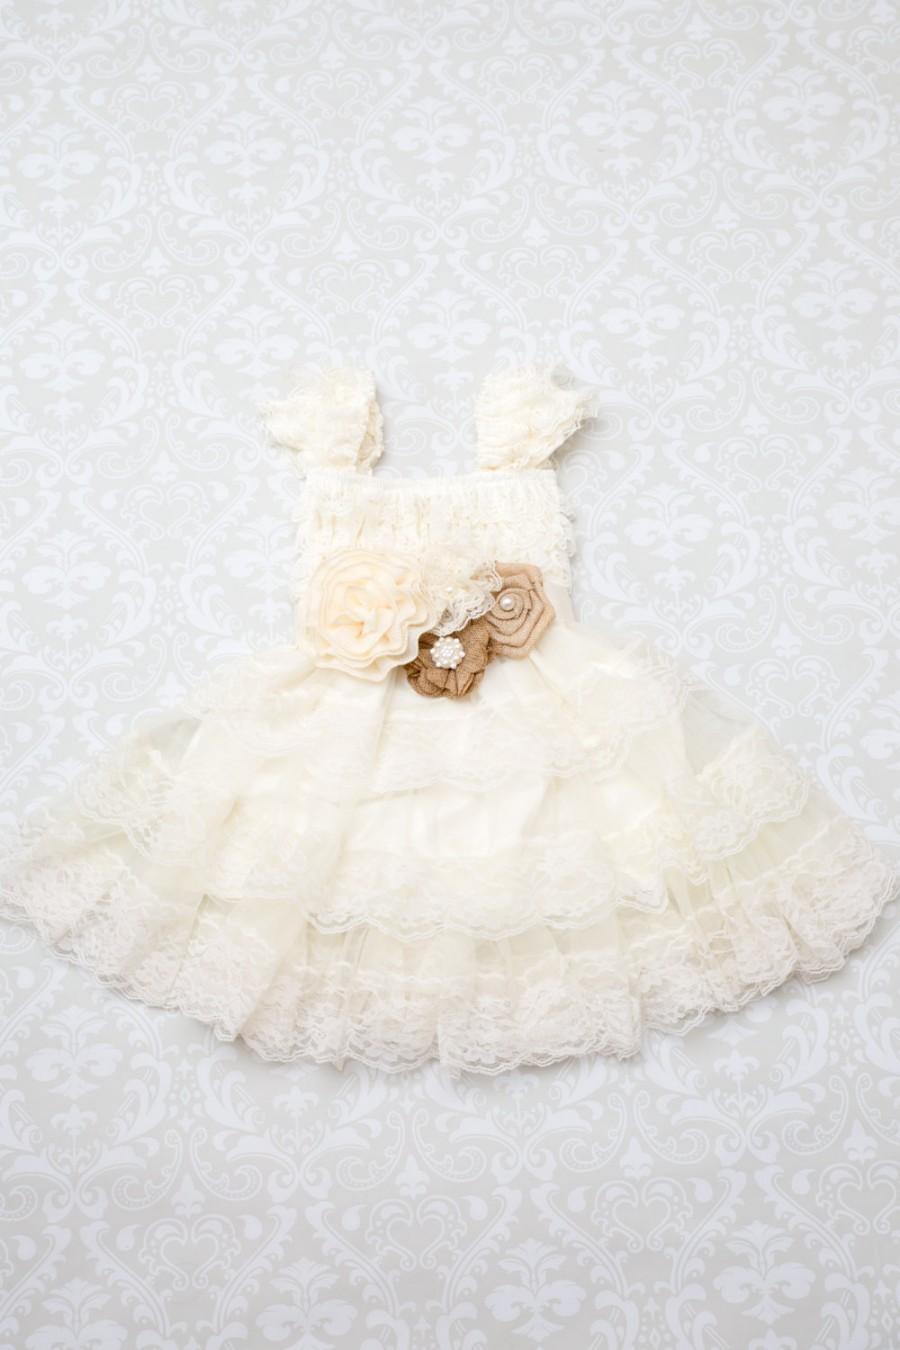 زفاف - Burlap Ivory Lace Flower Girl Dress -Ivory Lace Cap Sleeve Dress -Rustic Flower Girl Dress- Shabby Chic Dress - Burlap Lace Dress - Peals